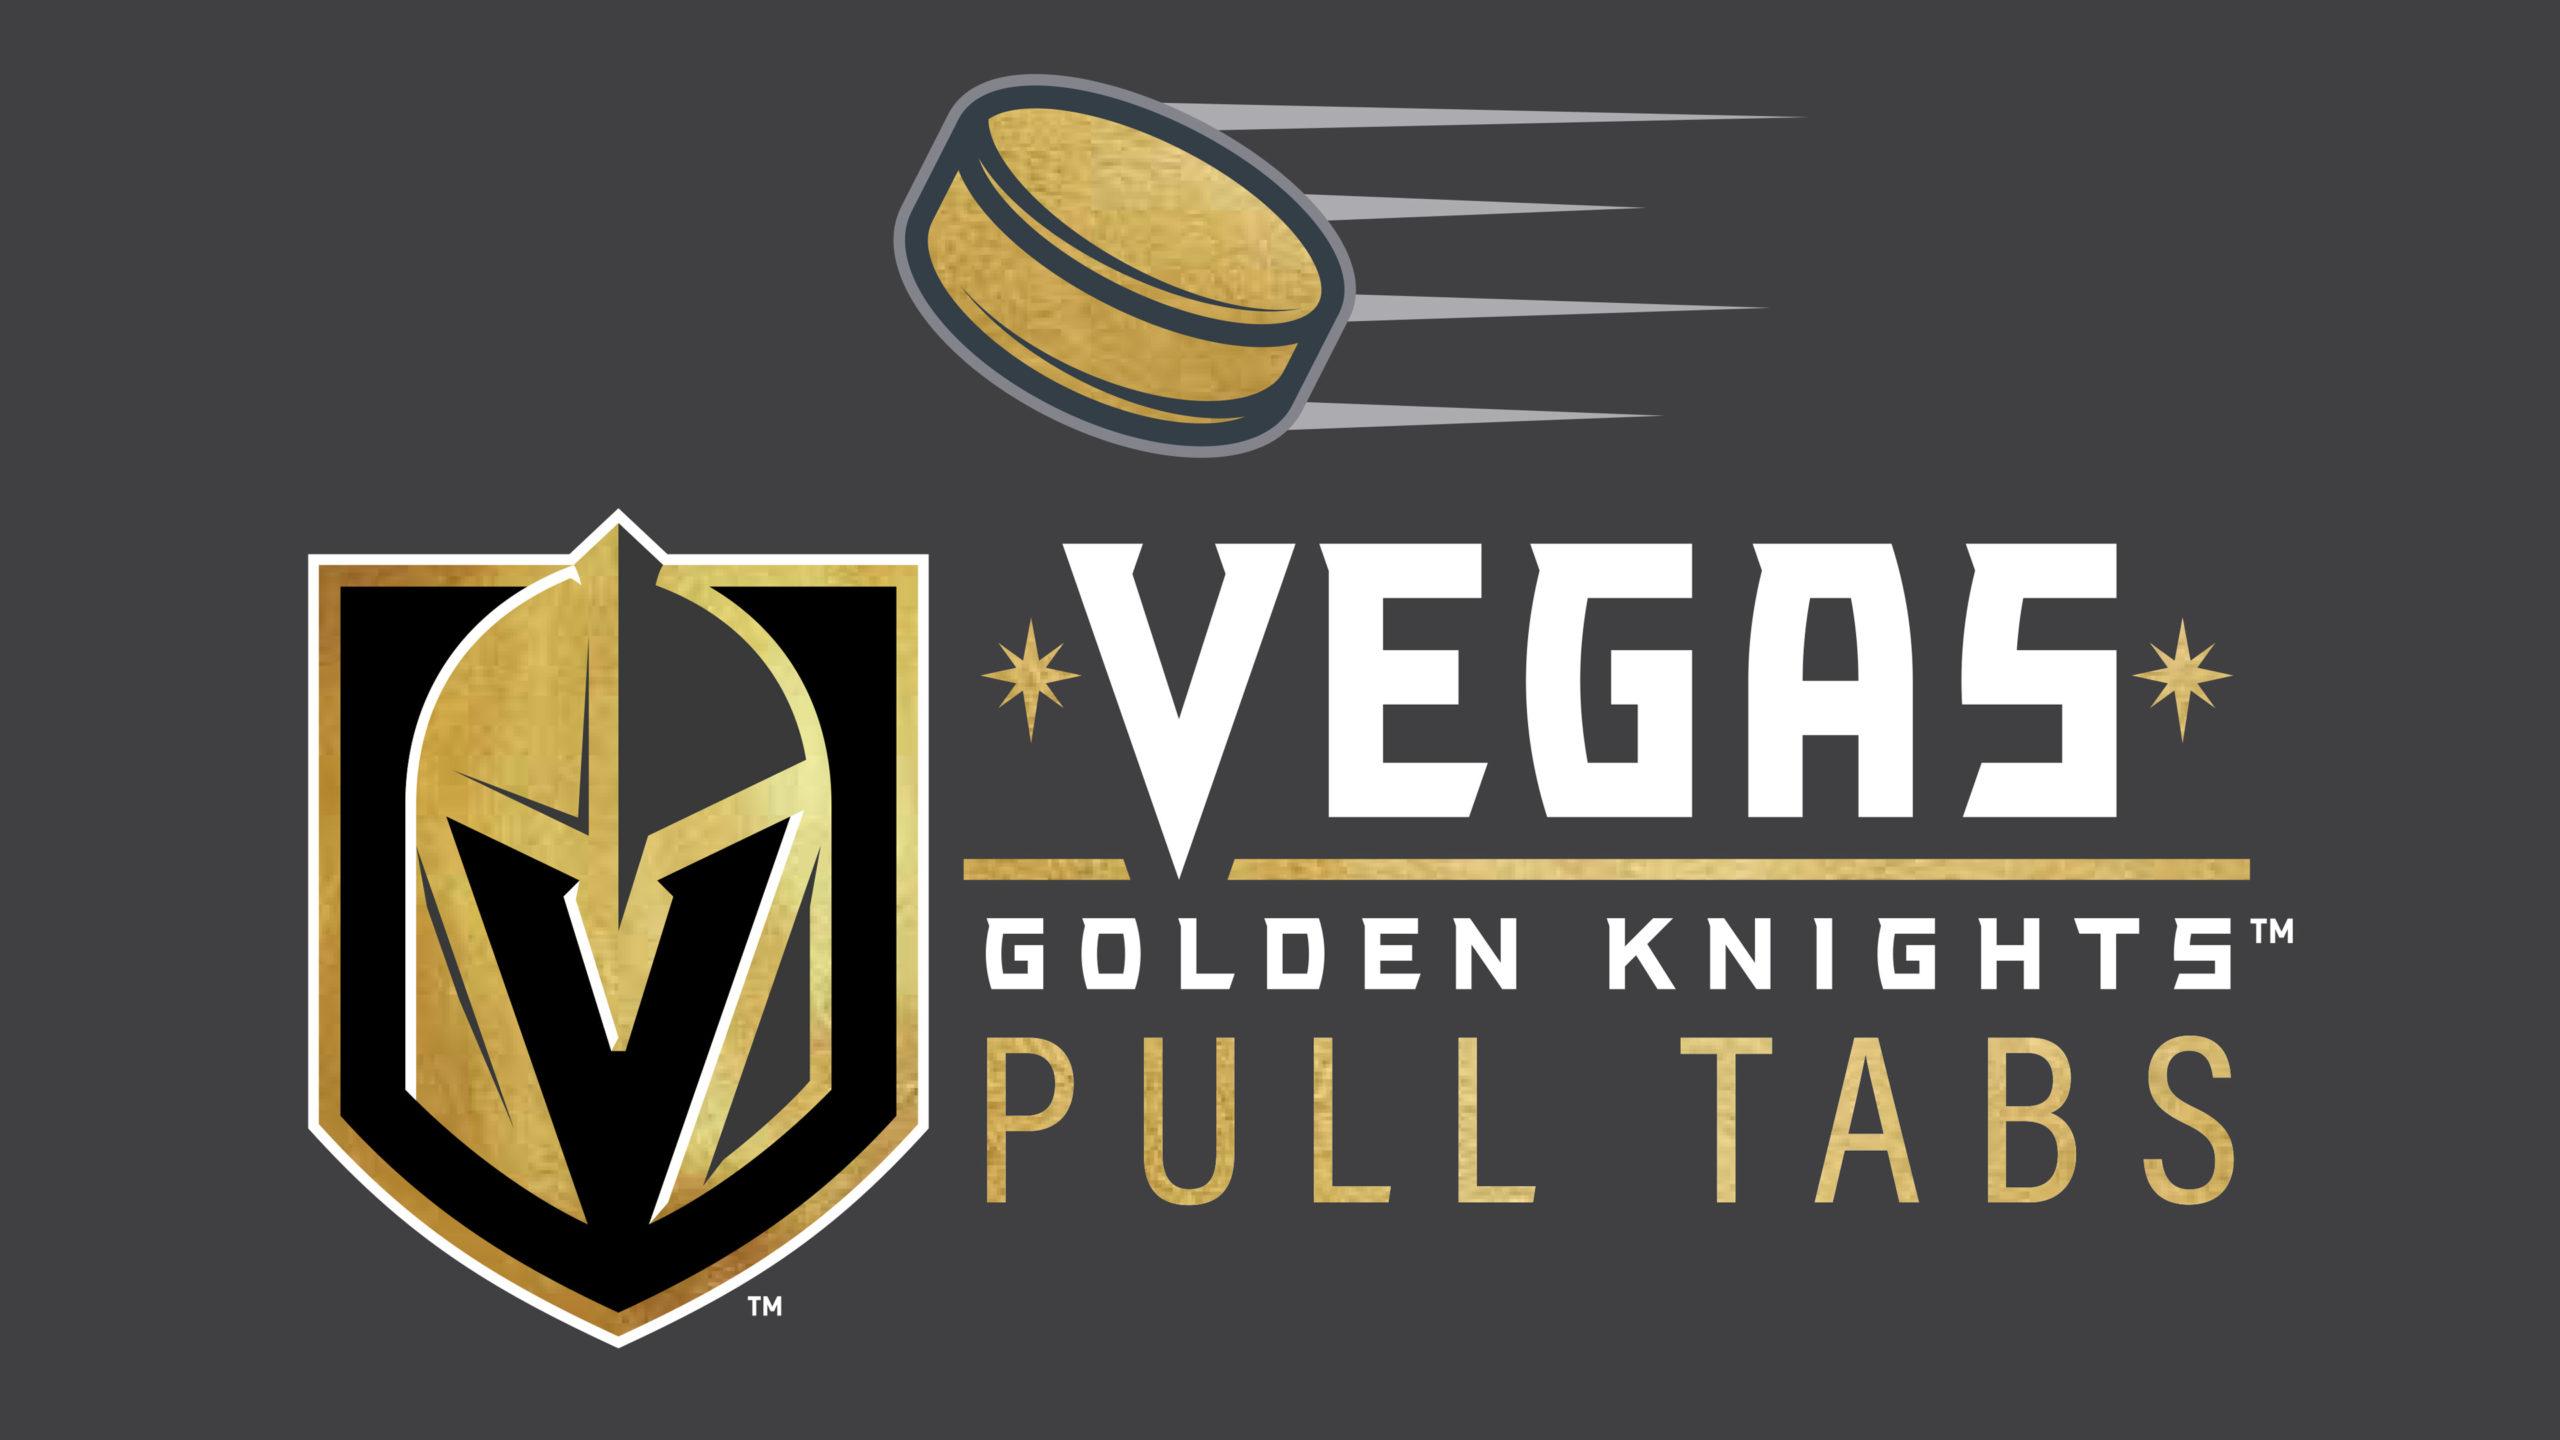 Vegas Golden Knights Pull Tab logo